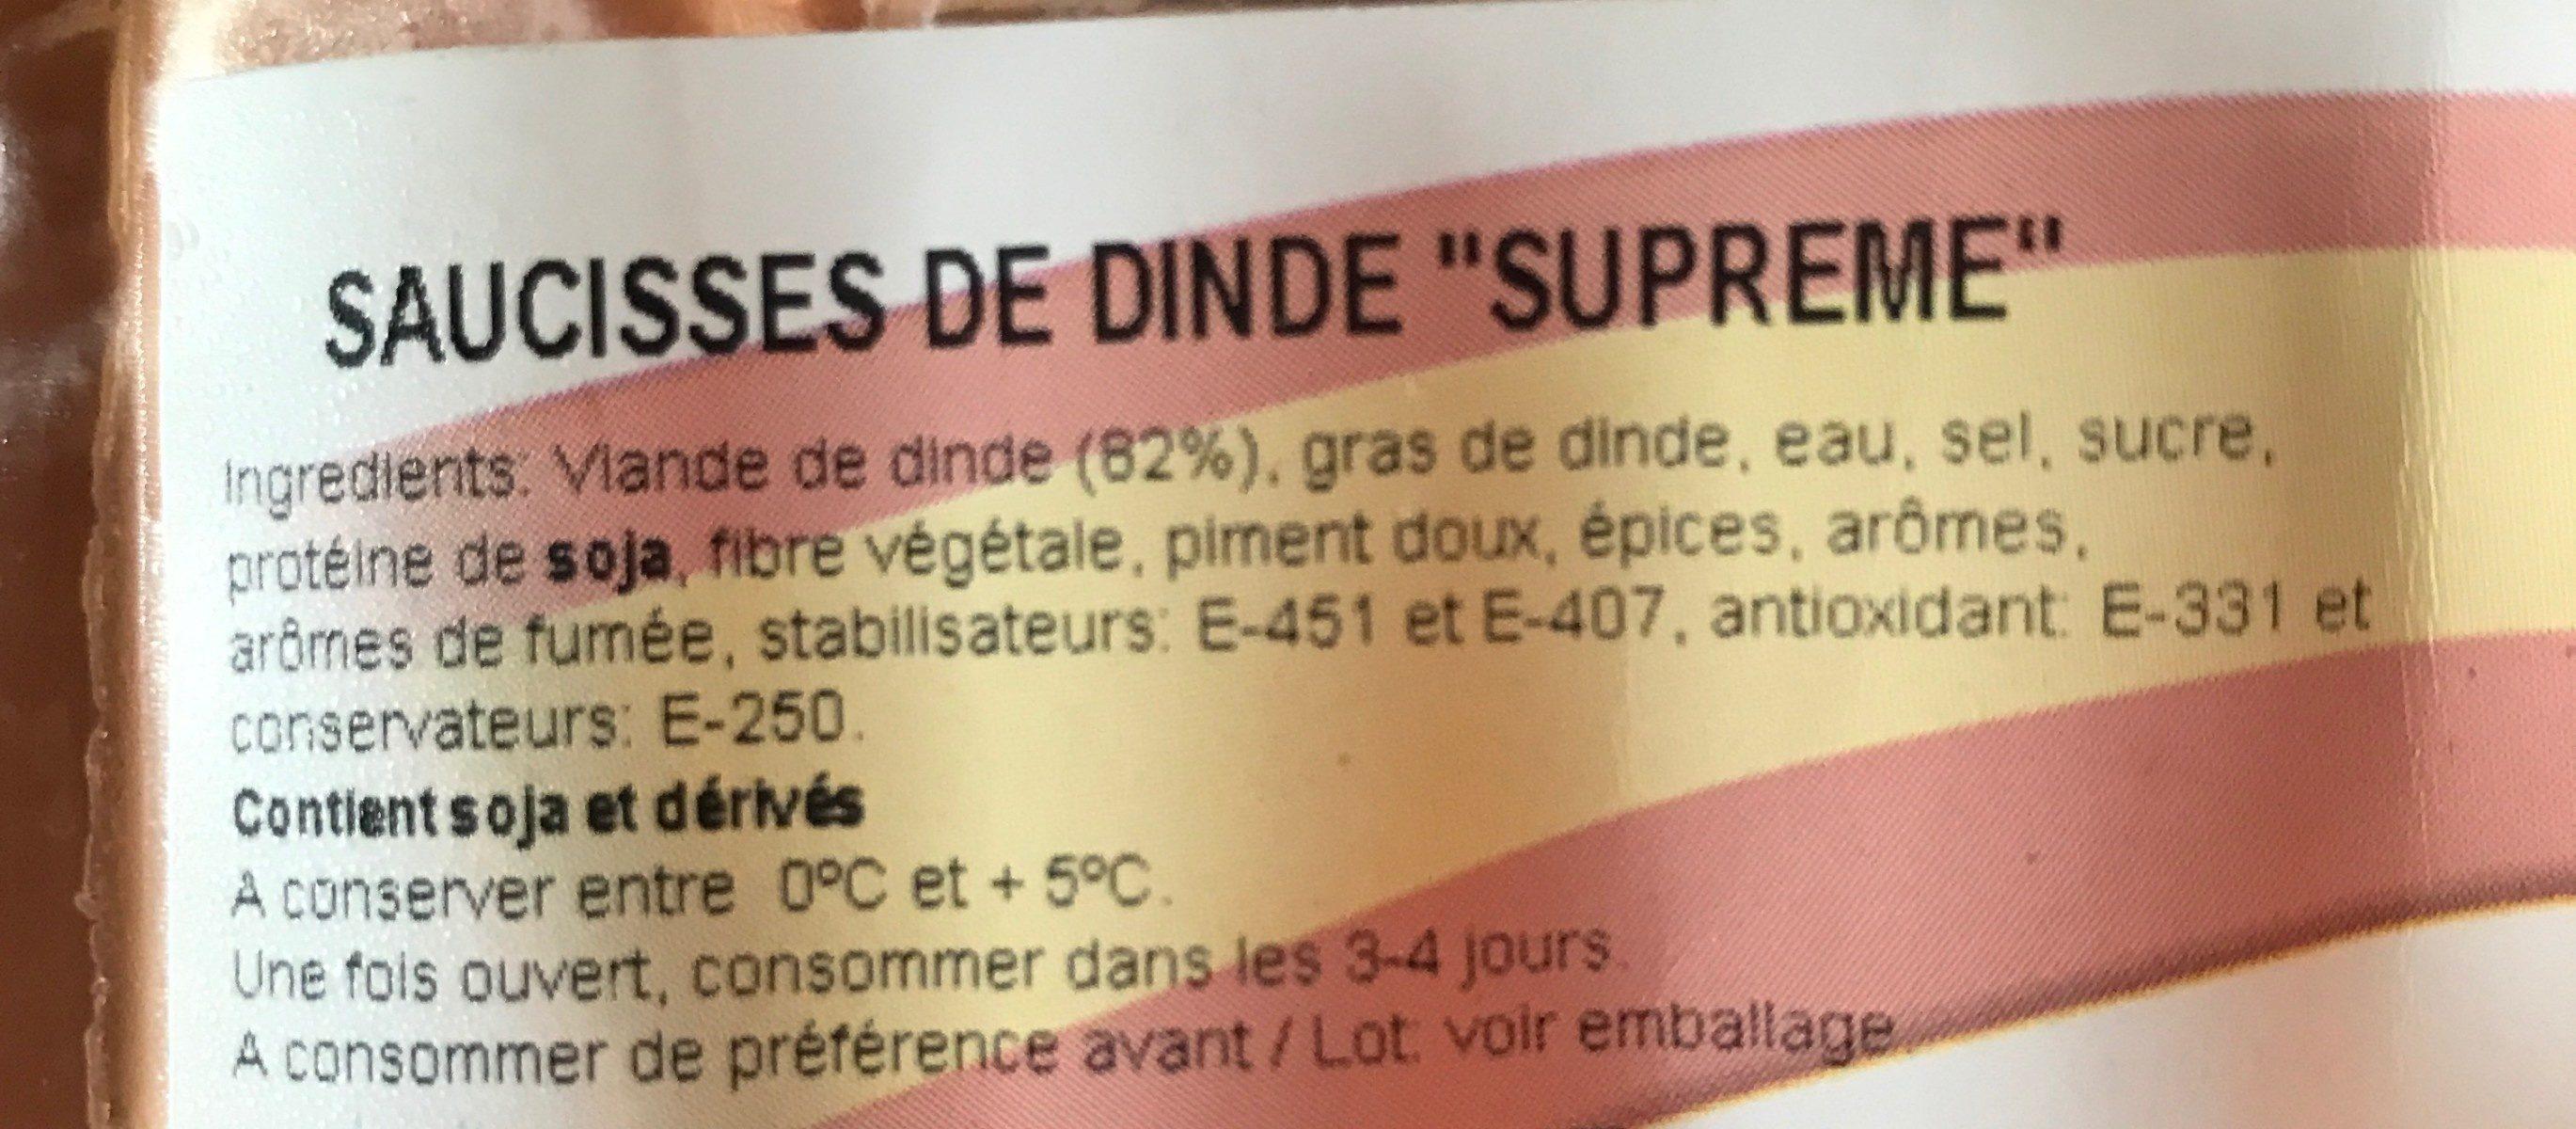 Supreme pavo - Ingrédients